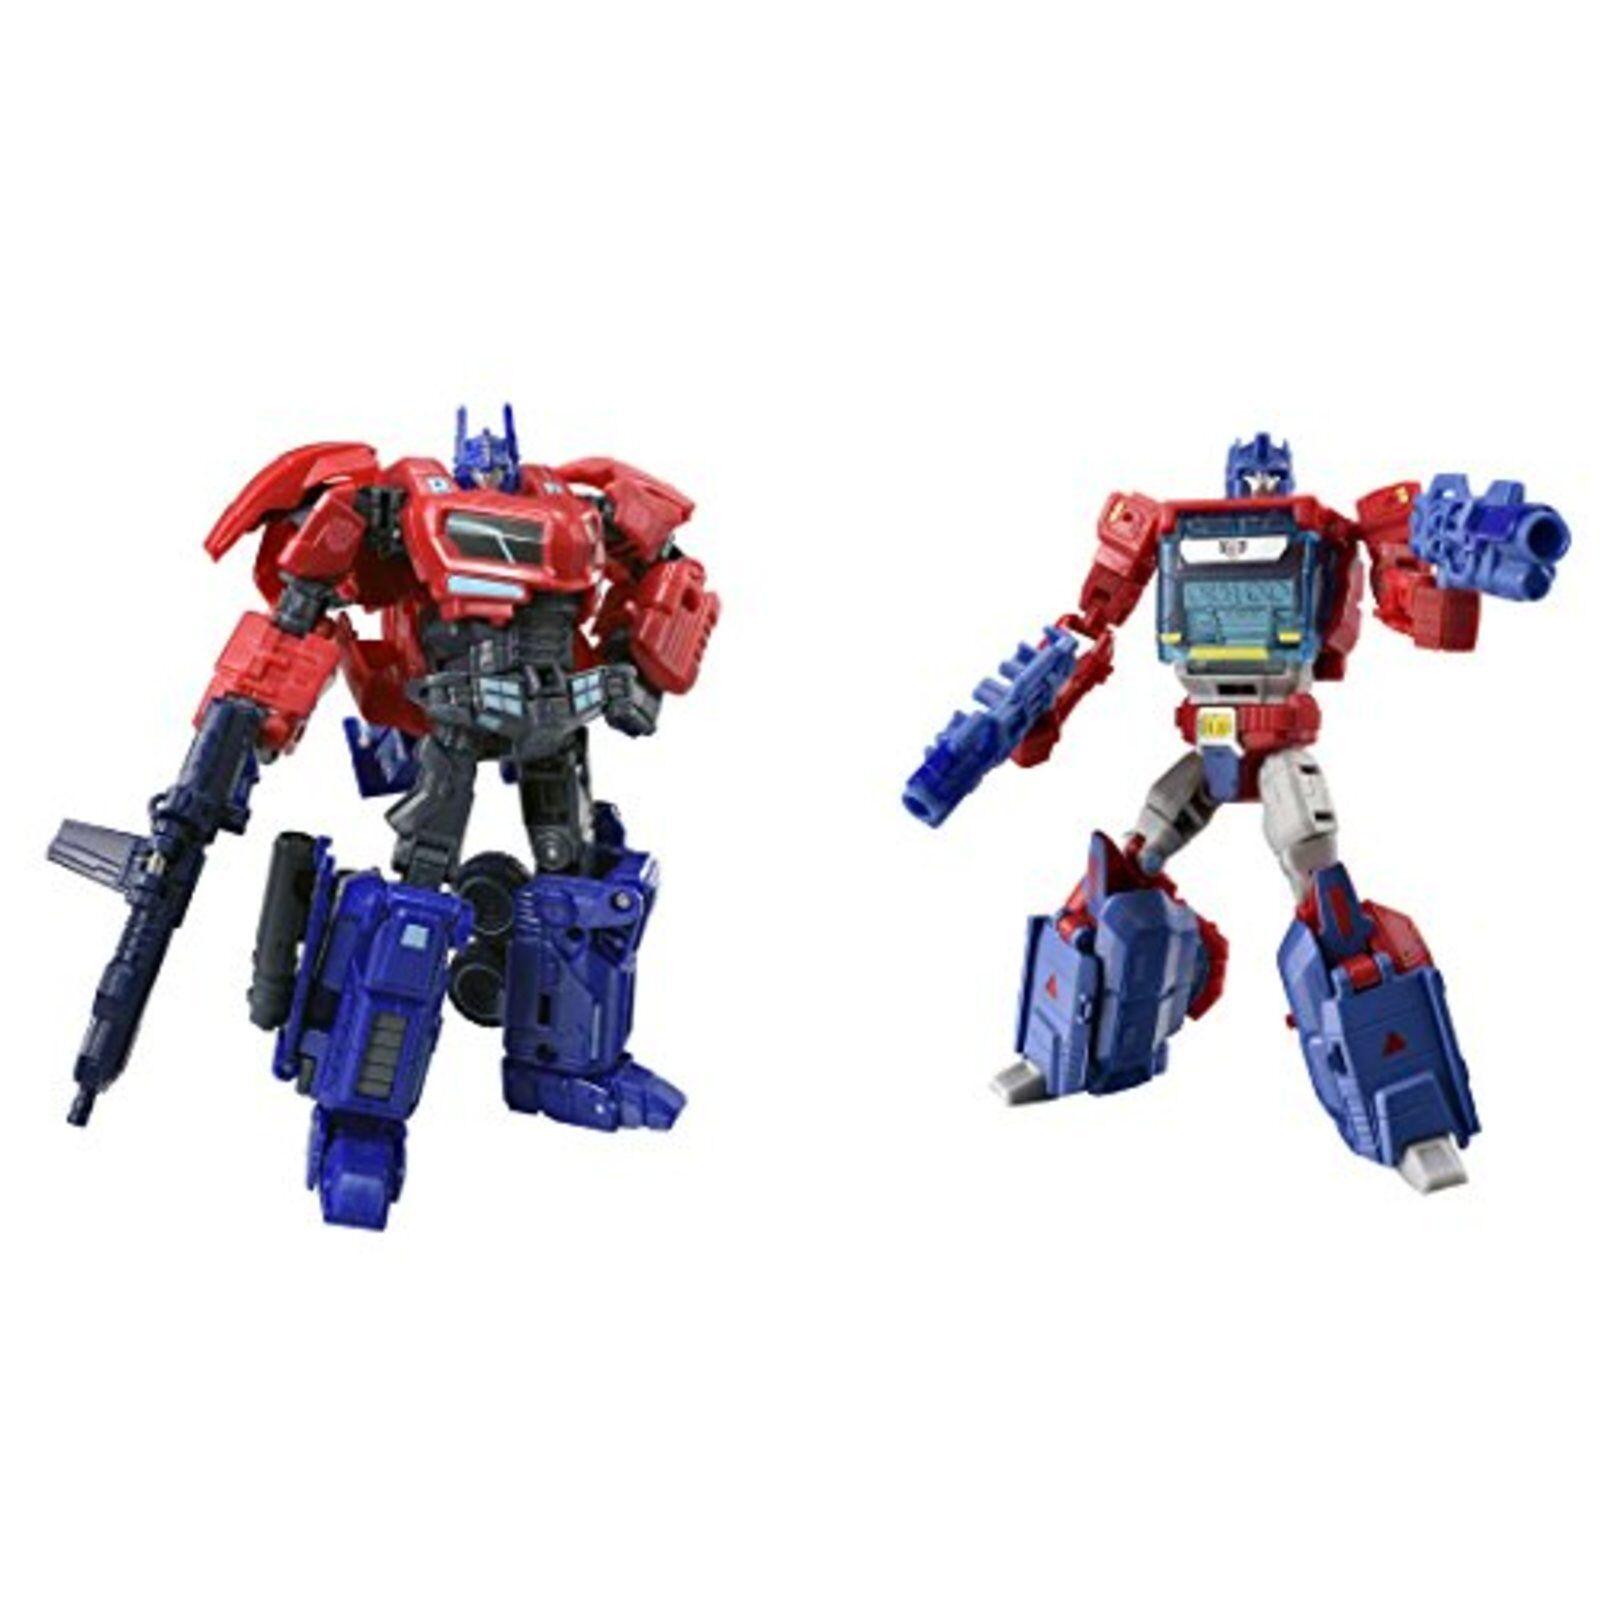 Die tlk-ex optimus prime und orion pax 2 set amazon.co.jp begrenzten f   e neue